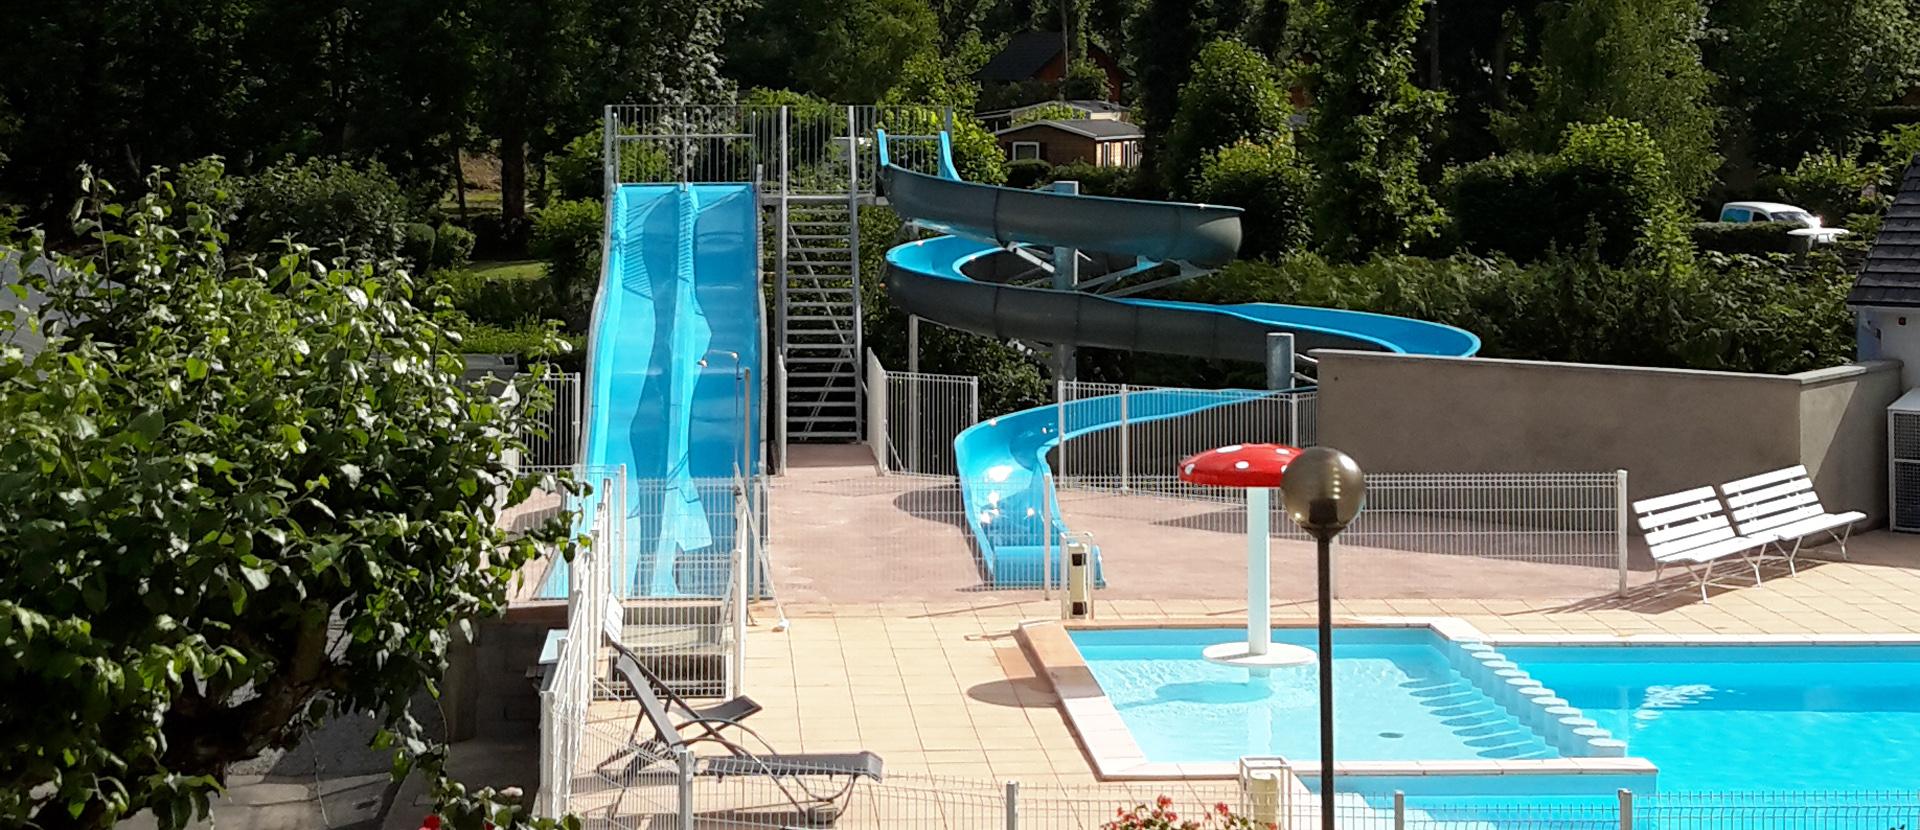 Camping Auvergne - Camping La Cle Des Champs **** - Saint ... tout Camping En Auvergne Avec Piscine